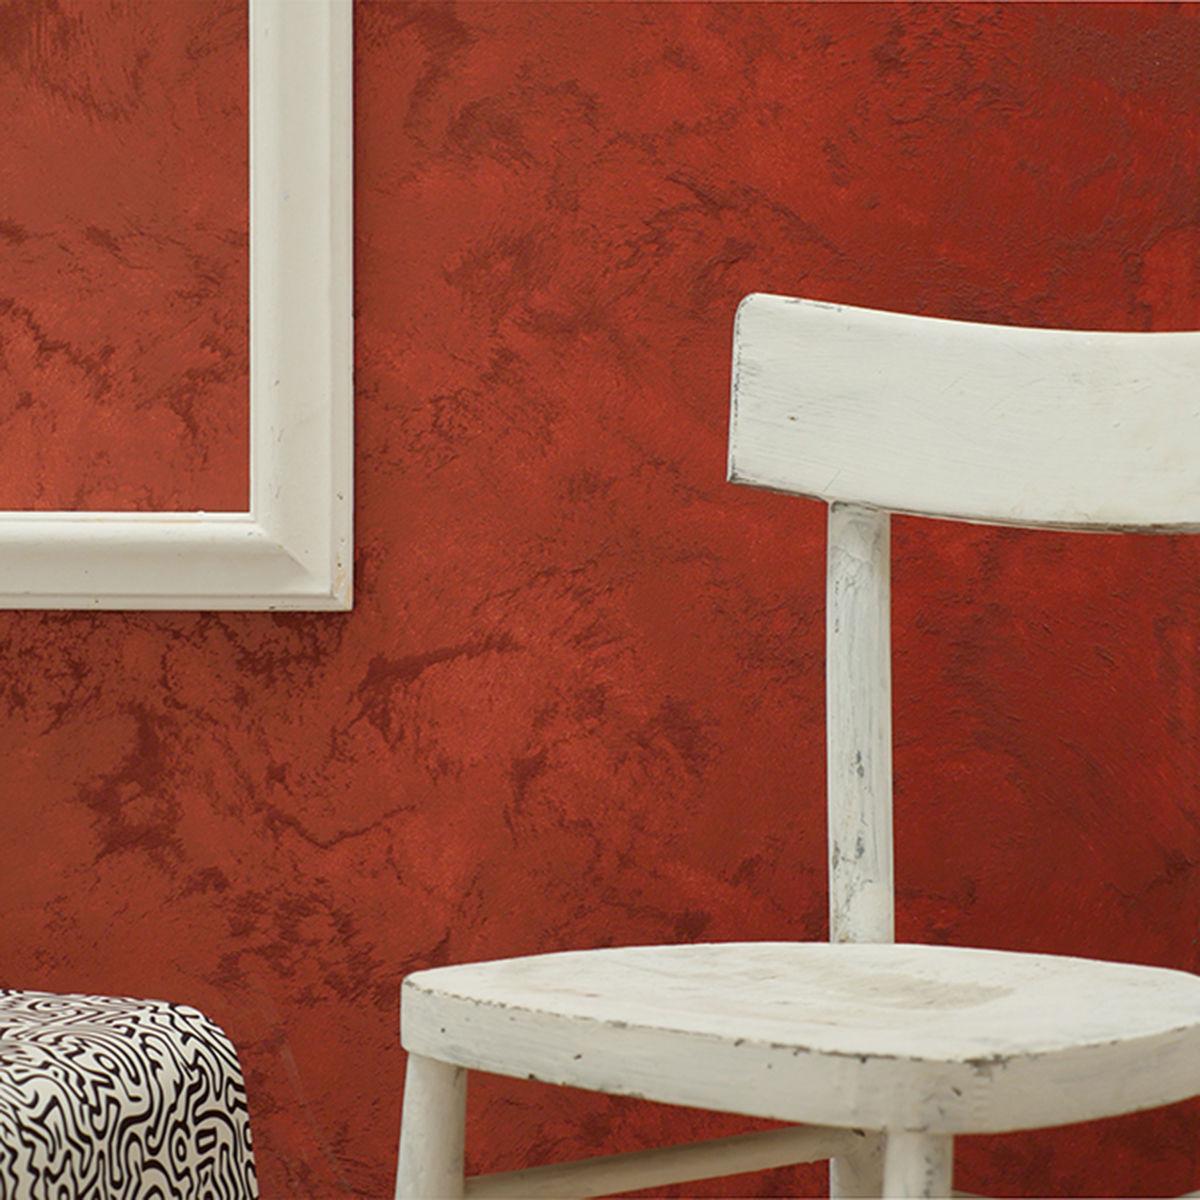 Cheap pittura con effetti decorativi per effetto - Effetti decorativi pittura ...